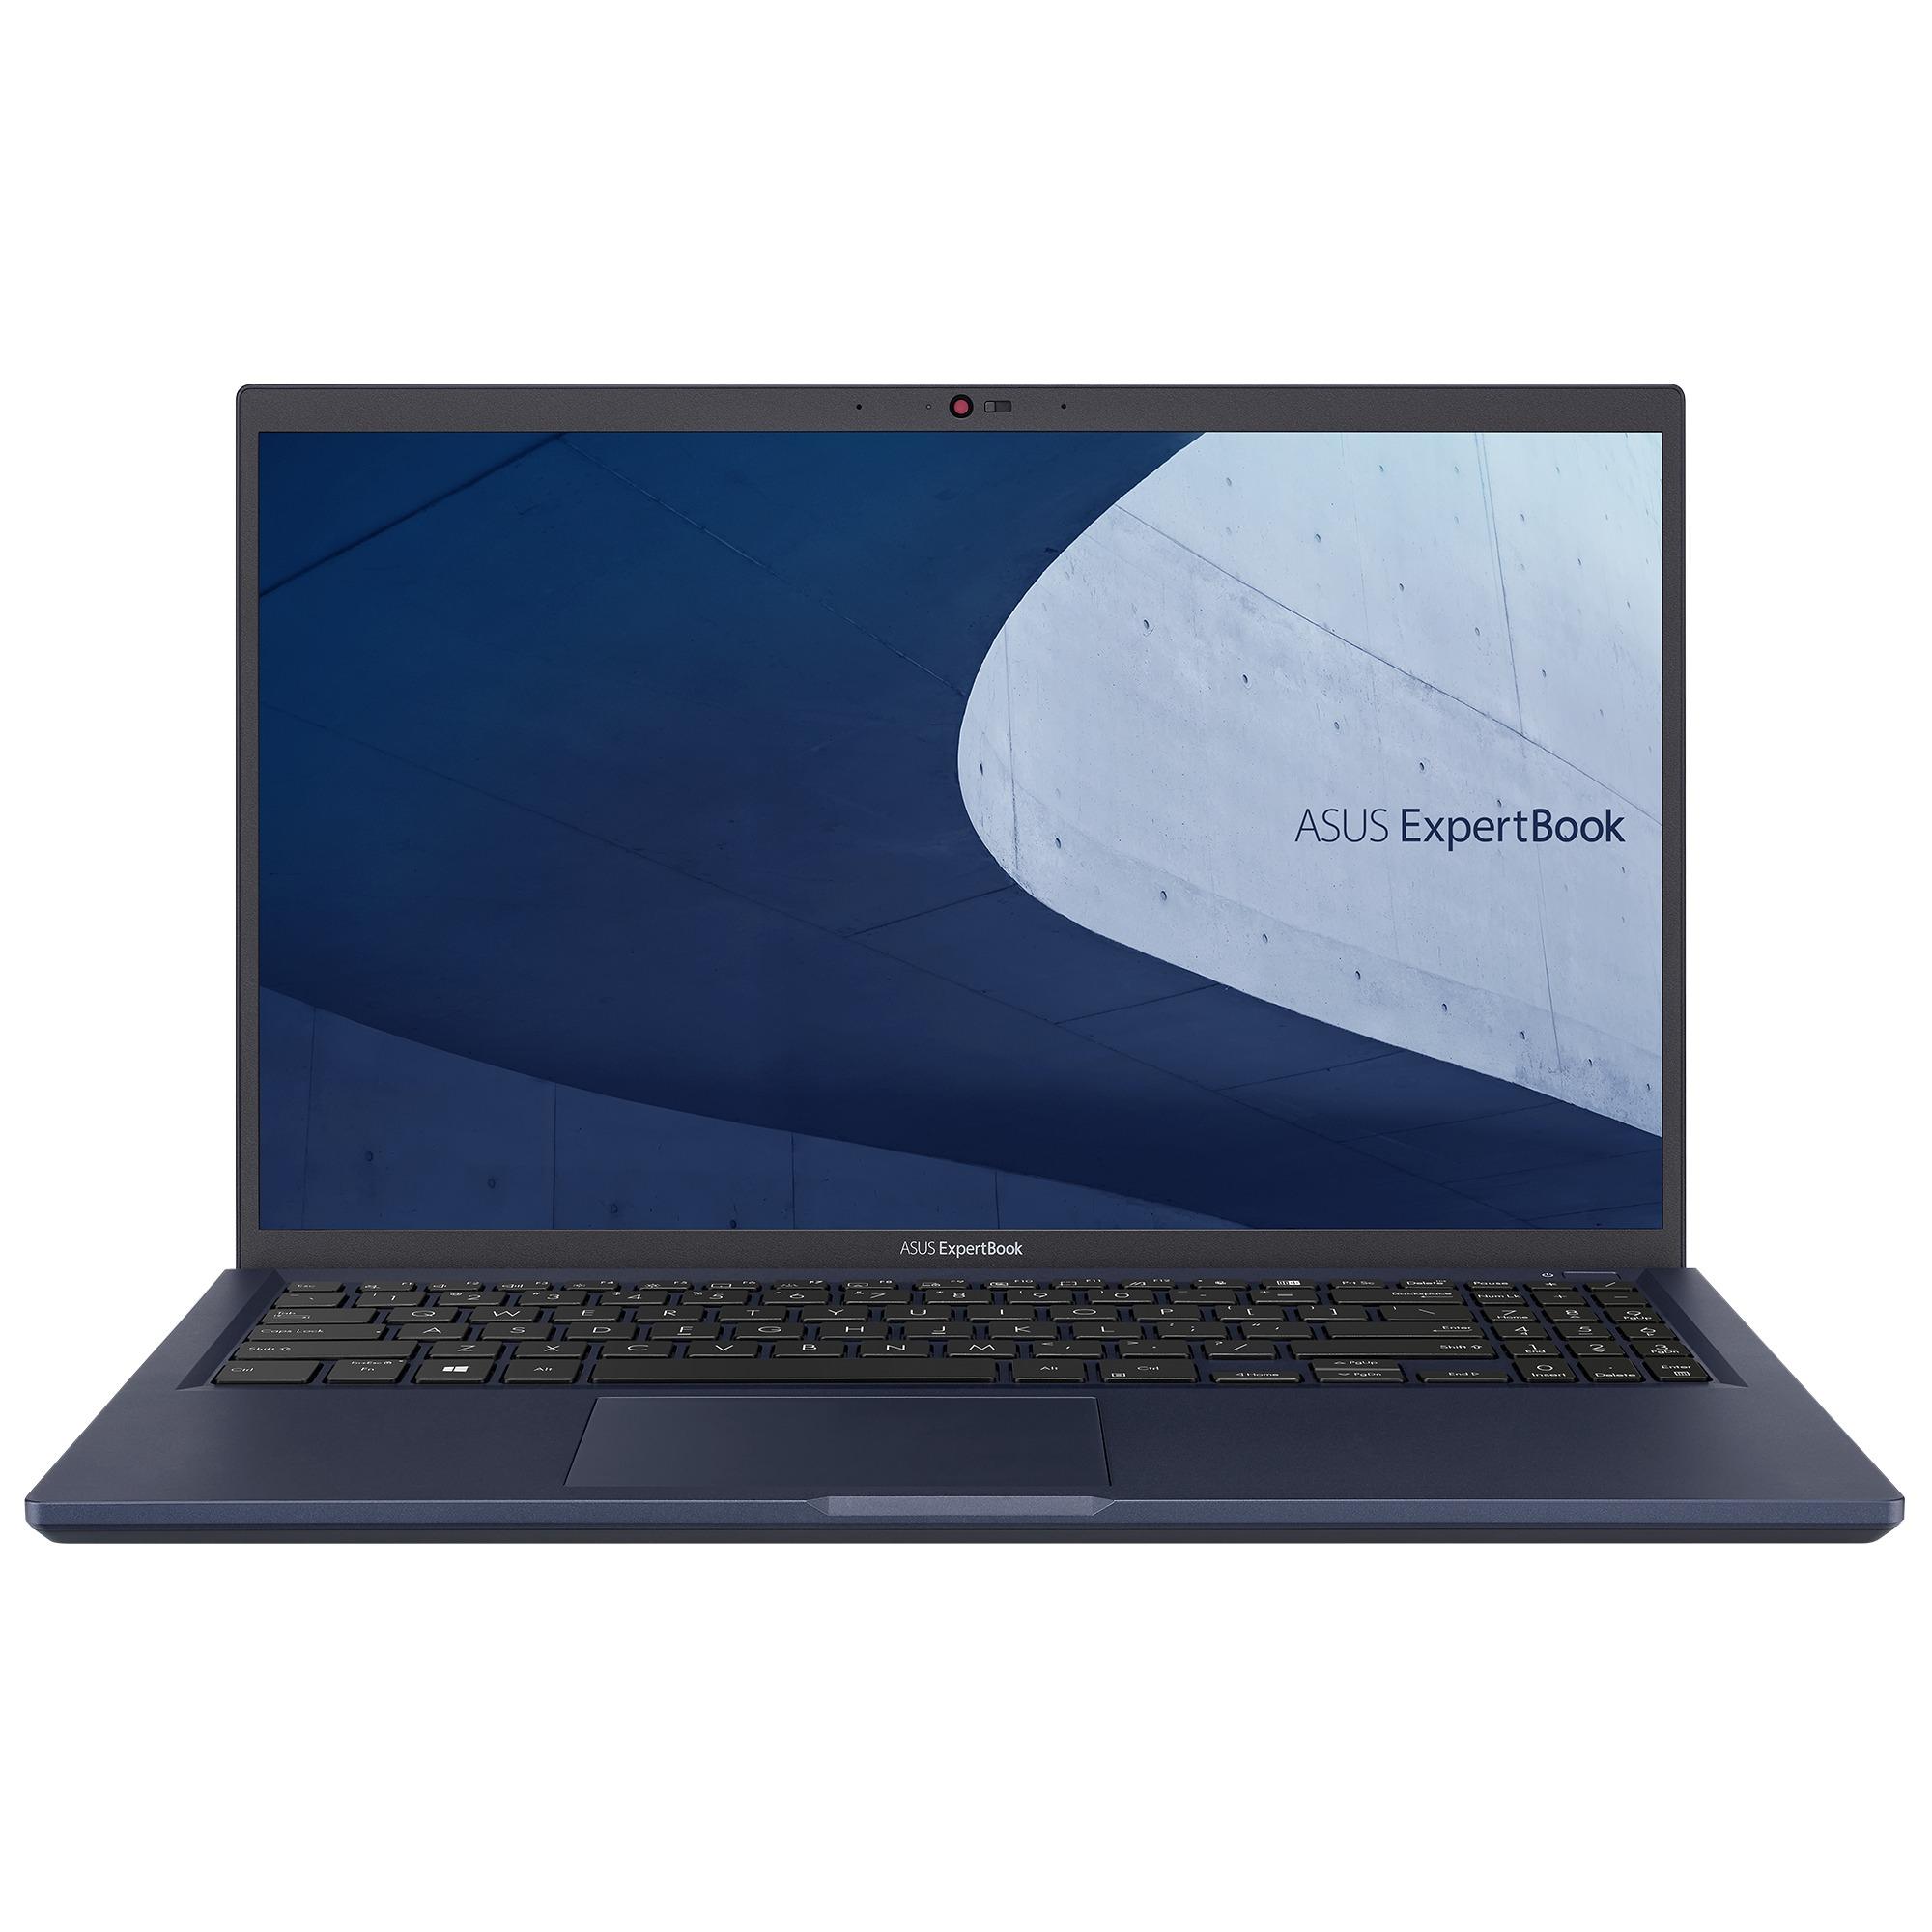 ASUS ExpertBook B1500/15,6